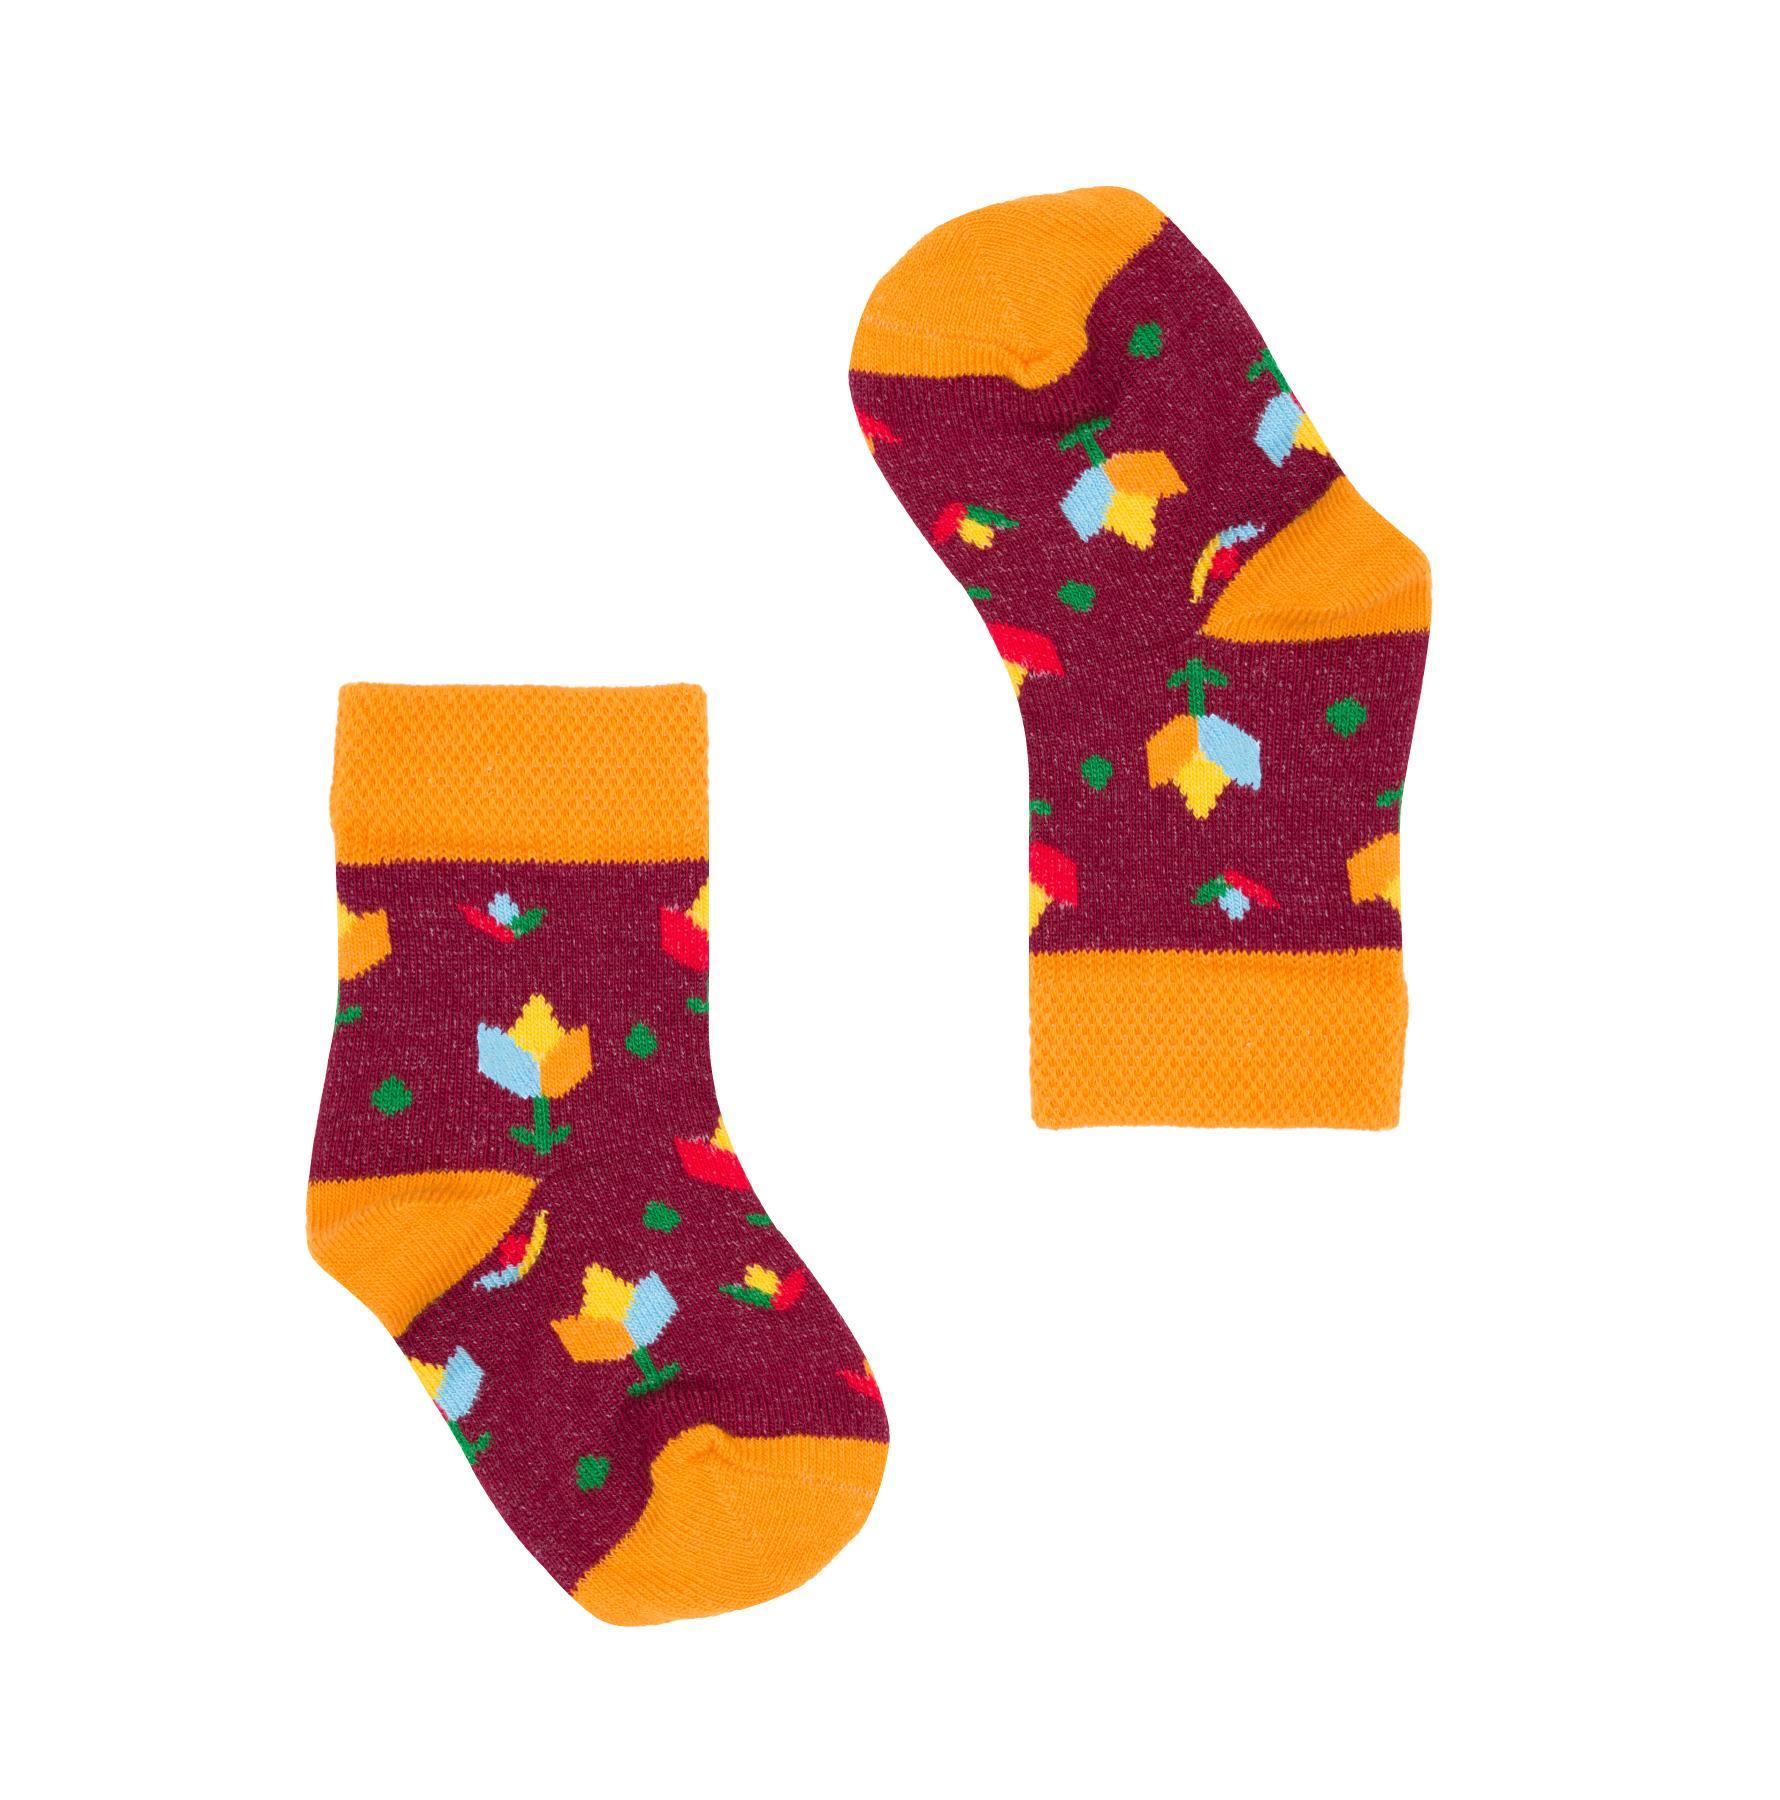 Śmieszne, kolorowe skarpetki dziecięce FAVES Socks & Friends w rozmiarach niemowlęcych z kolekcji holenderskiej w tulipany! Poznaj kolorowe skarpety marki Faves Socks & Friends i dodaj swoim stylizacjom odrobinę szaleństwa, a podróżnicze motywy niech inspirują Cię do wypraw małych i dużych. Wzory skarpet przedstawiają symbole charakterystyczne dla danego kraju. Znajdziesz u nas także więcej motywów z tej kolekcji w innych rozmiarach - może to idealny pomysł na skarpety dla całej rodziny? Rozmiar: 14-19, idealne od urodzenia. Rozmiar: 20-25 od około roku do 3 lat Made in Poland. – produkty są zarówno projektowane jak i produkowane wyłącznie w Polsce. Bawełna stosowana w skarpetach posiada certyfikat OEKO TEX, który stanowi gwarancję bezpieczeństwa dla skóry. Skład skarpet: 80% bawełny czesanej / 15% poliamidu / 5% elastanu